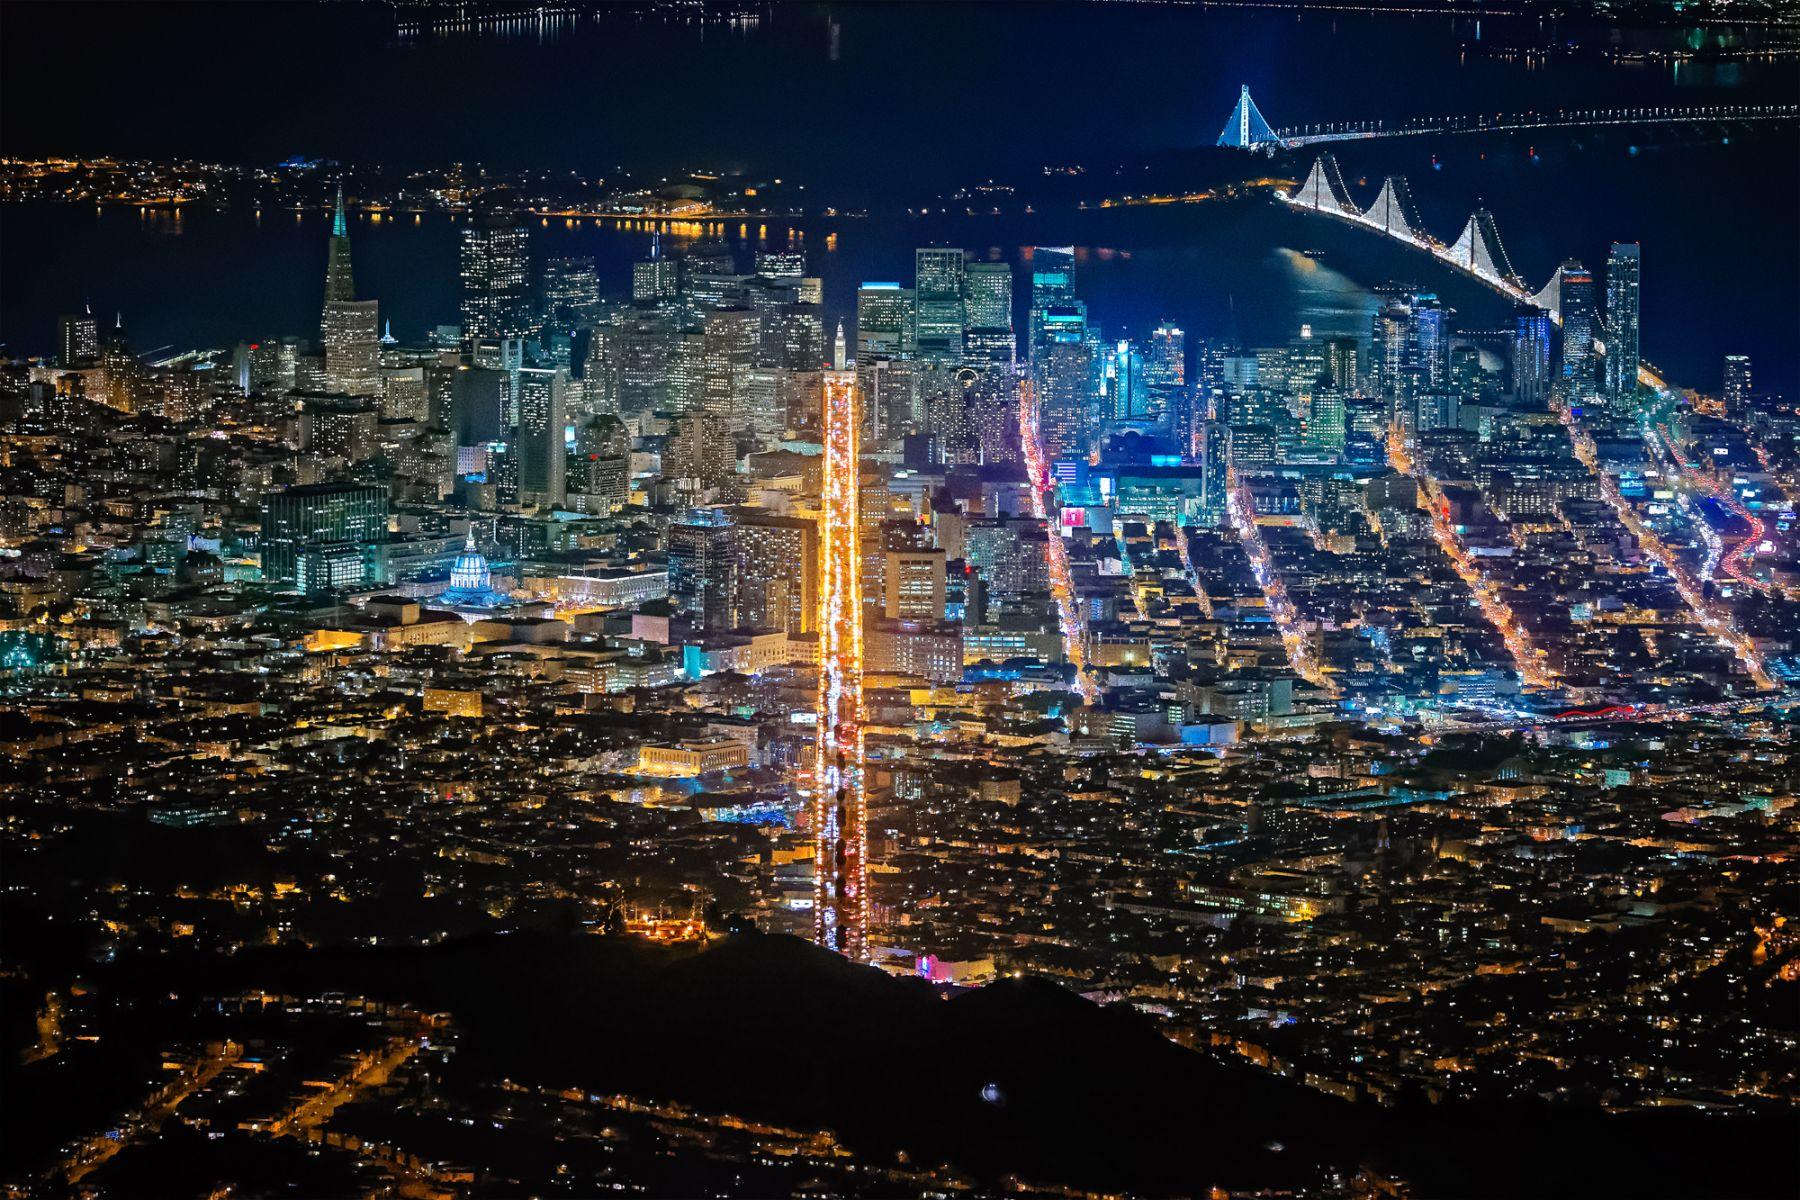 San Francisco III, February 18, 2015